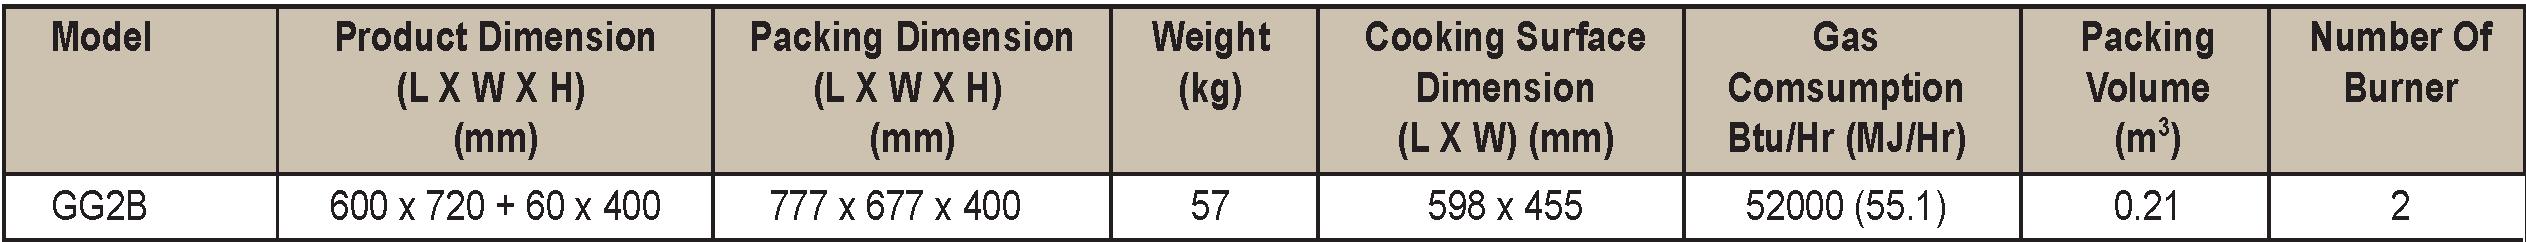 Chiên Phẳng-Berjaya (GG2B) - chi tiết